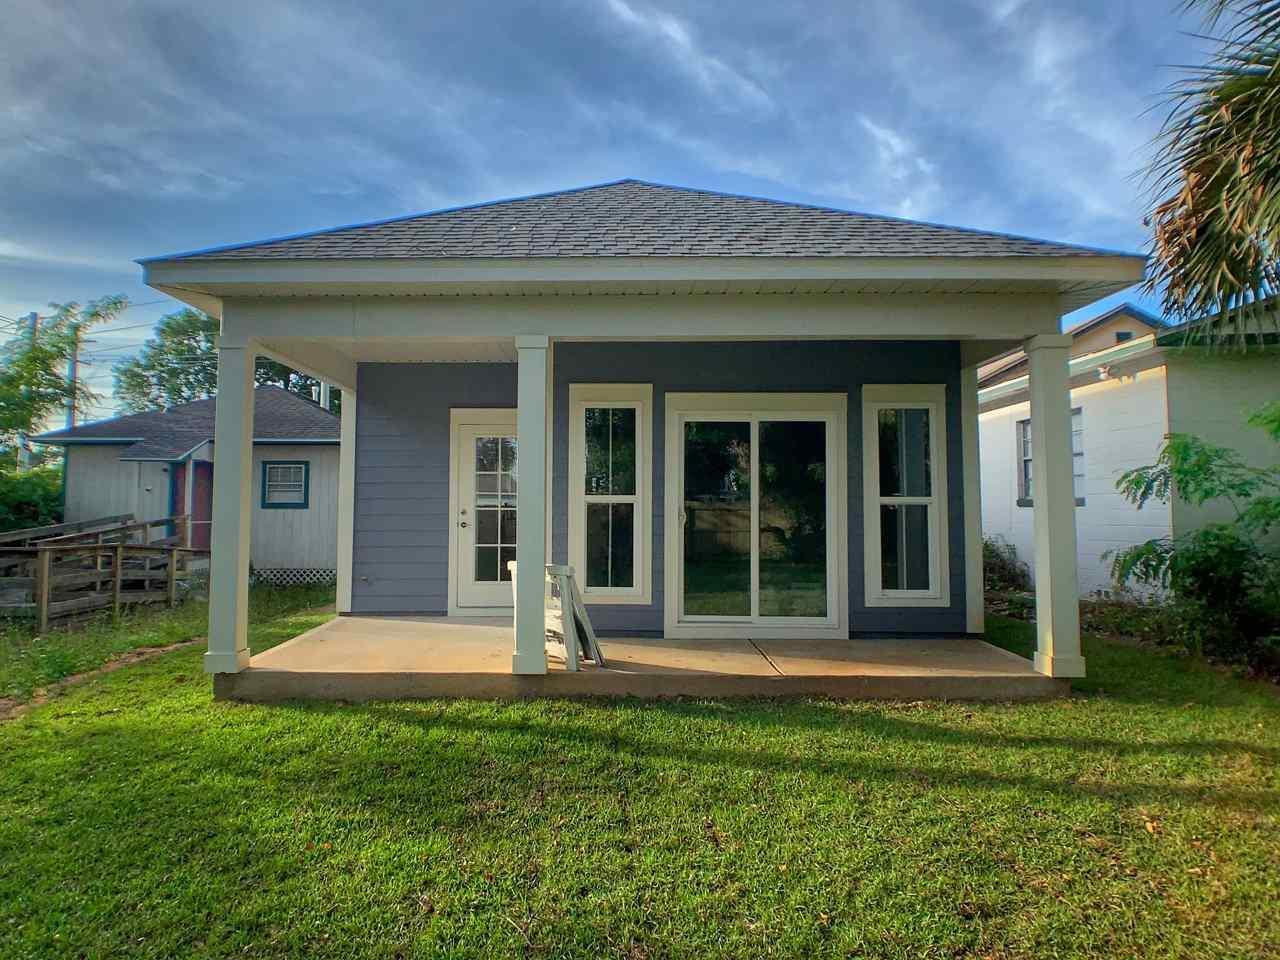 413 W GADSDEN ST, Pensacola, Florida